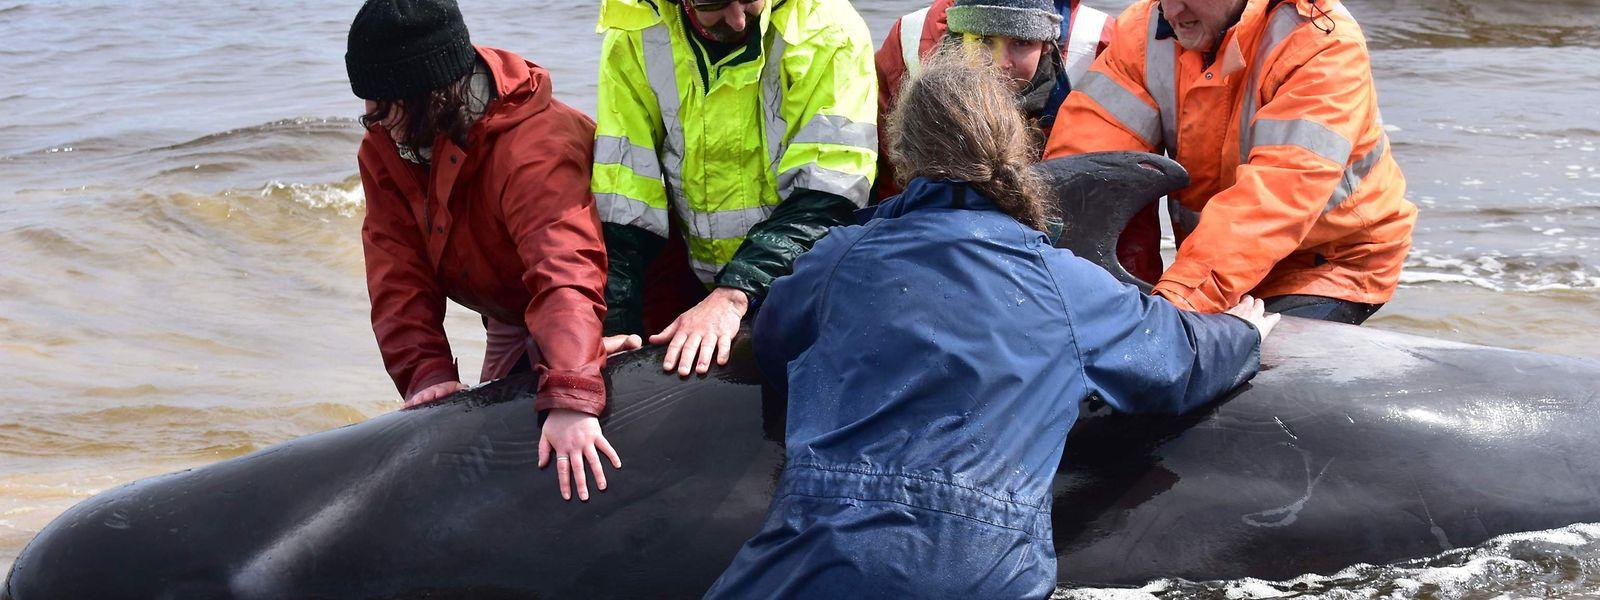 Retter in Macquarie Harbour helfen einem Wal zurück in tieferes Wasser.